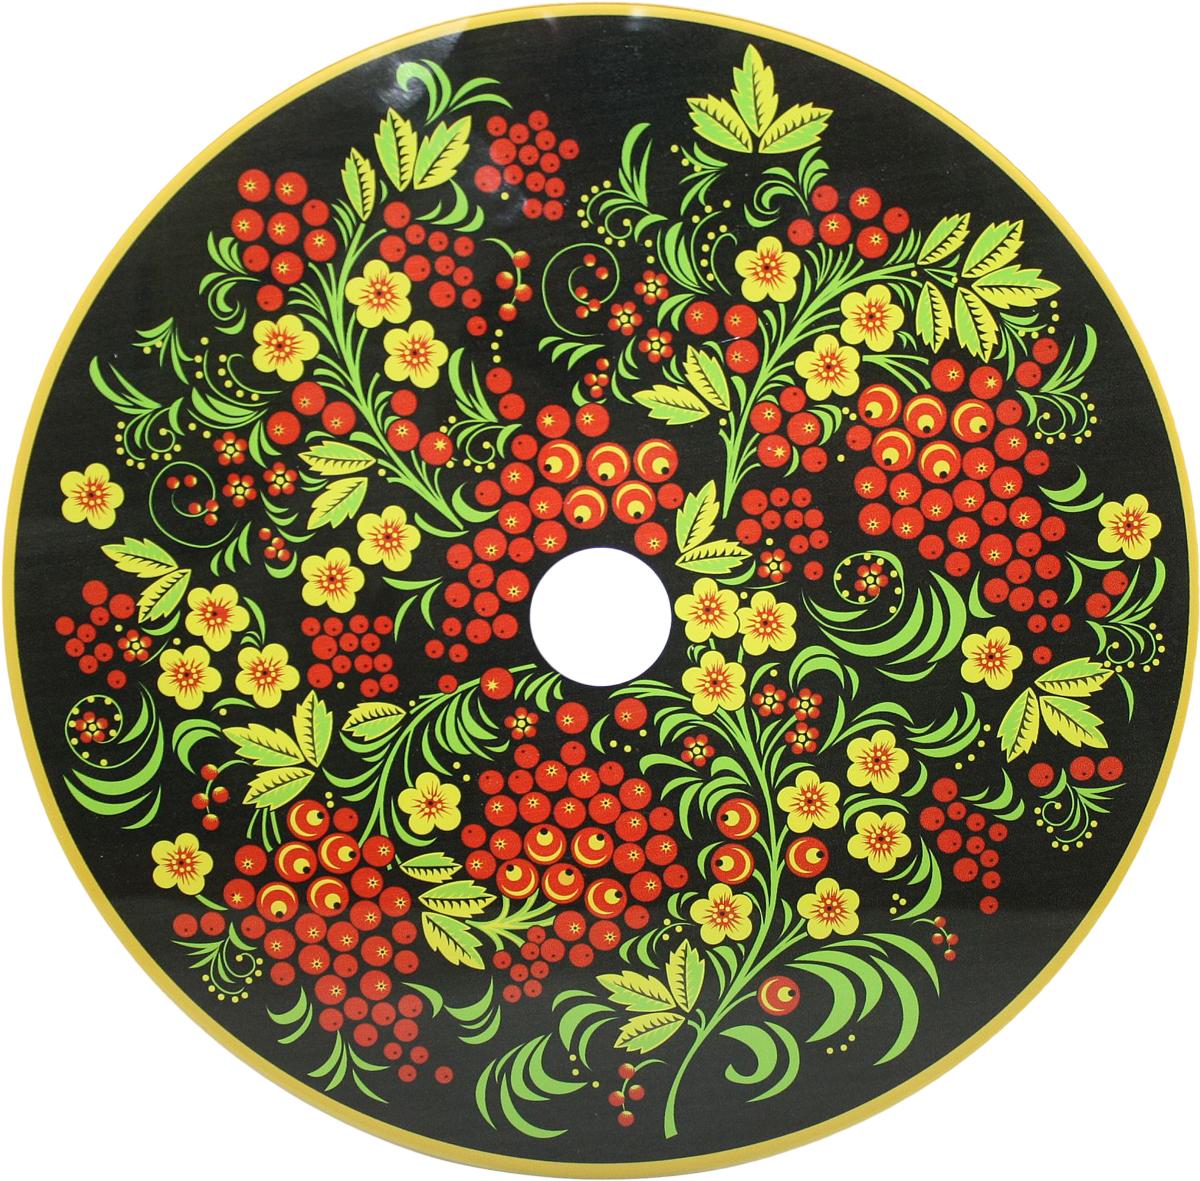 Блюдо Vellarti Хохлома , вращающееся, диаметр 30 см. 21700222170022Вращающееся блюдо D 30см. Материал: стекло на вращающейся подставке в подарочной упаковке.